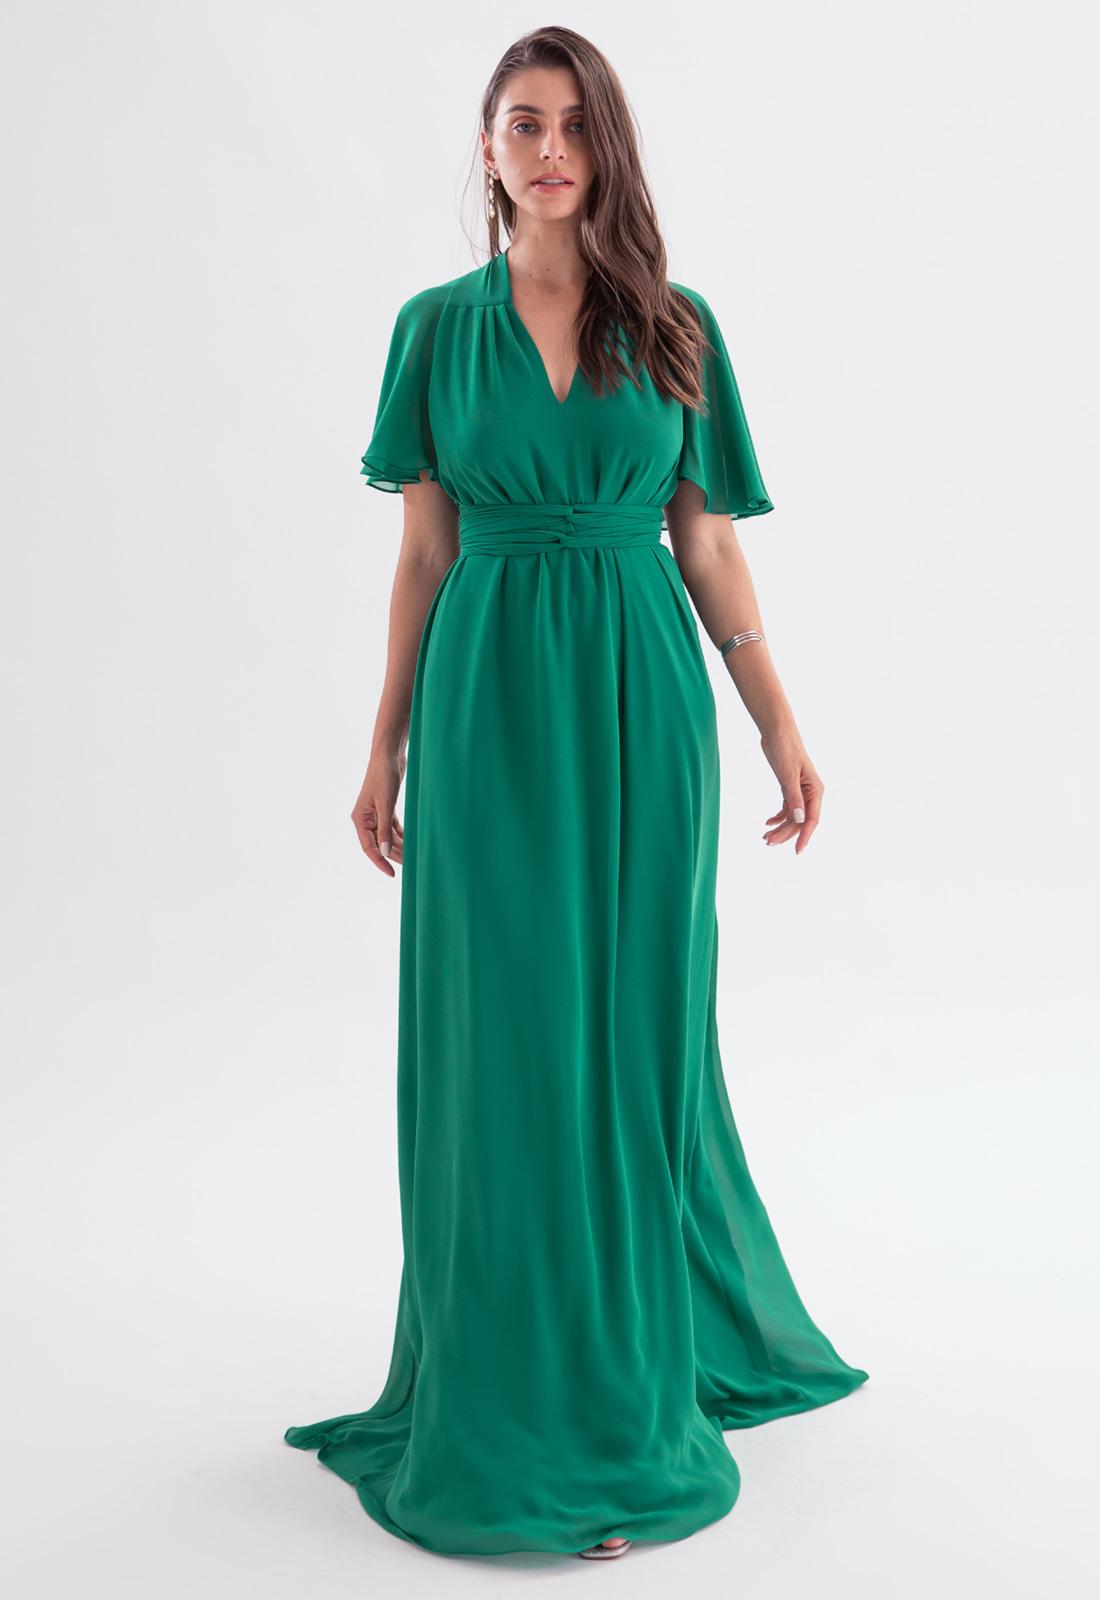 Vestido para madrinha Verde multi tamanho ref.2593